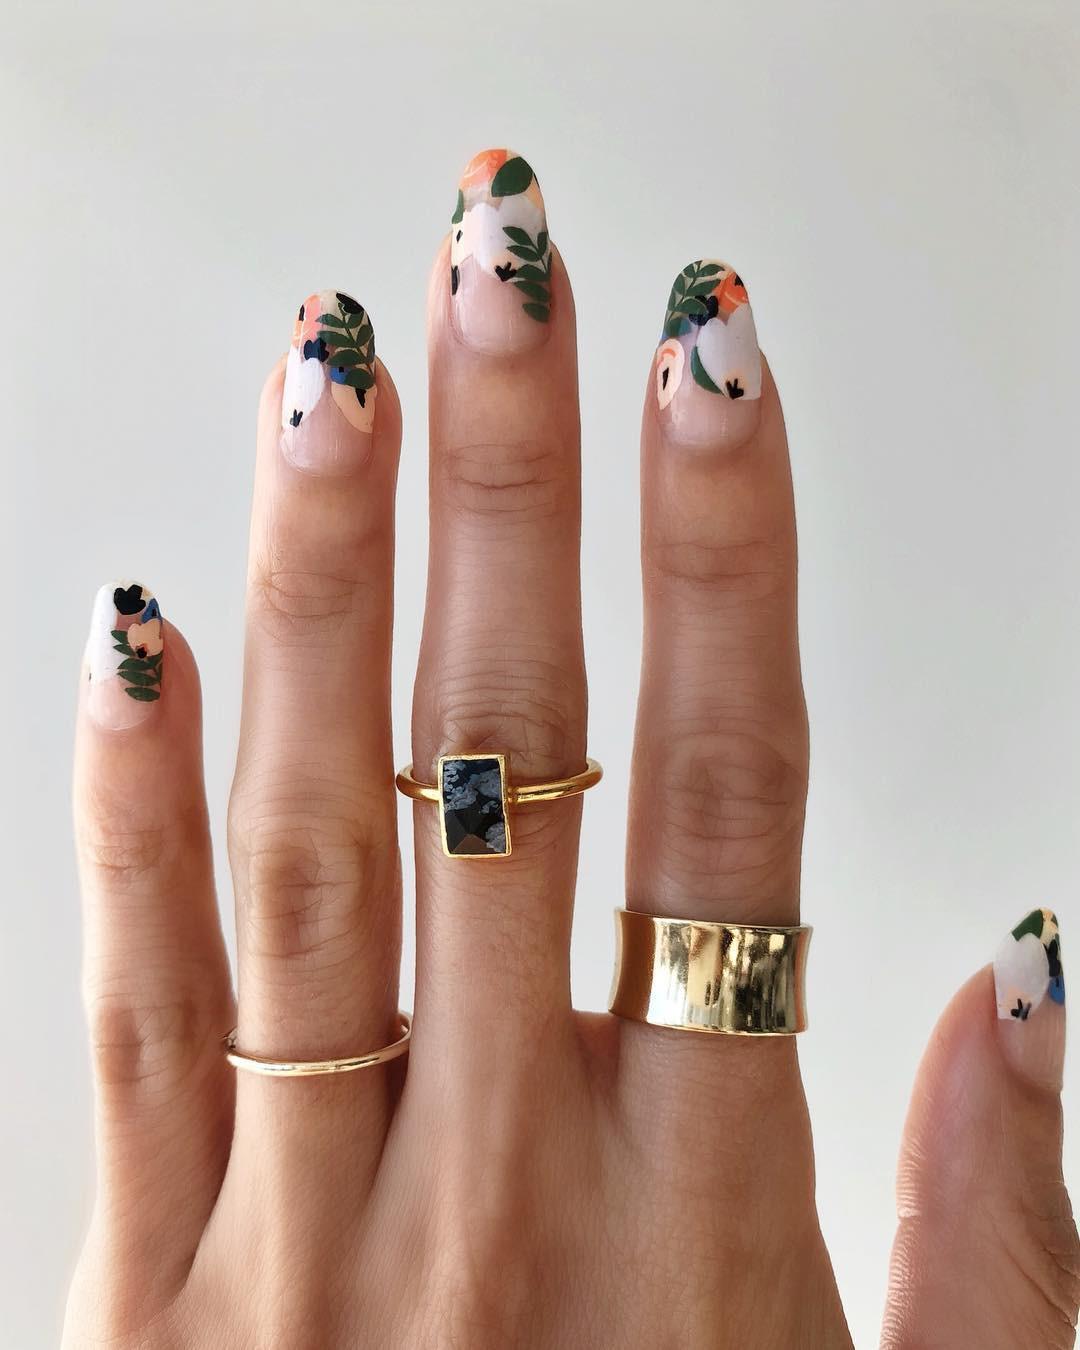 Loạt móng tay nghệ thuật kiểu Hàm Hương khiến cả trai thẳng cũng muốn đi làm nail - Ảnh 2.